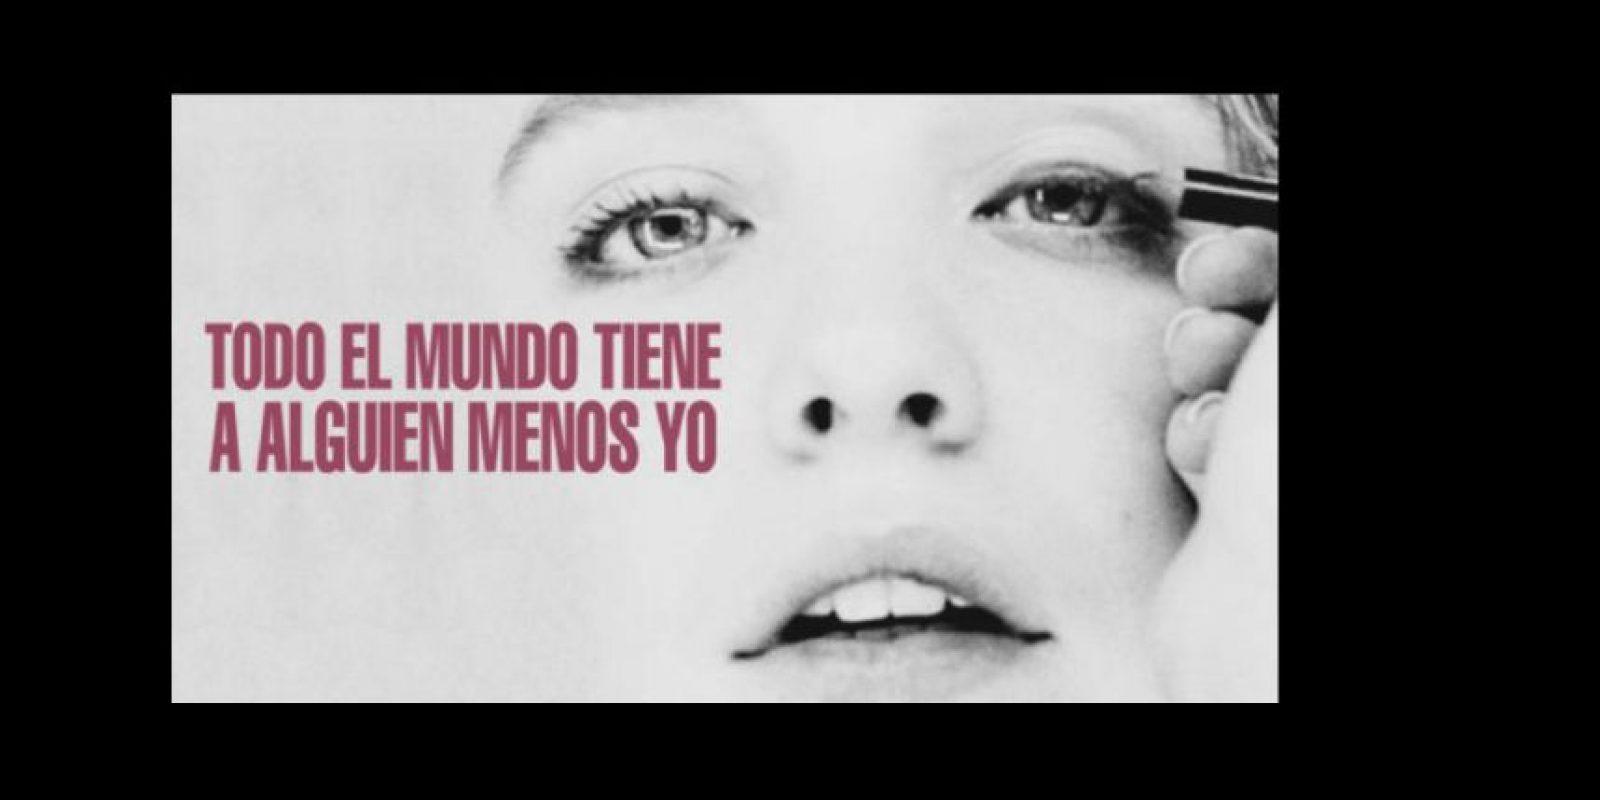 Este filme ganó el Premio Netflix 2015. Cuenta la historia de una mujer que vive en soledad como consecuencia de sus obsesiones y manías Foto:Centro Universitario de Estudios Cinematográficos (CUEC) (México)